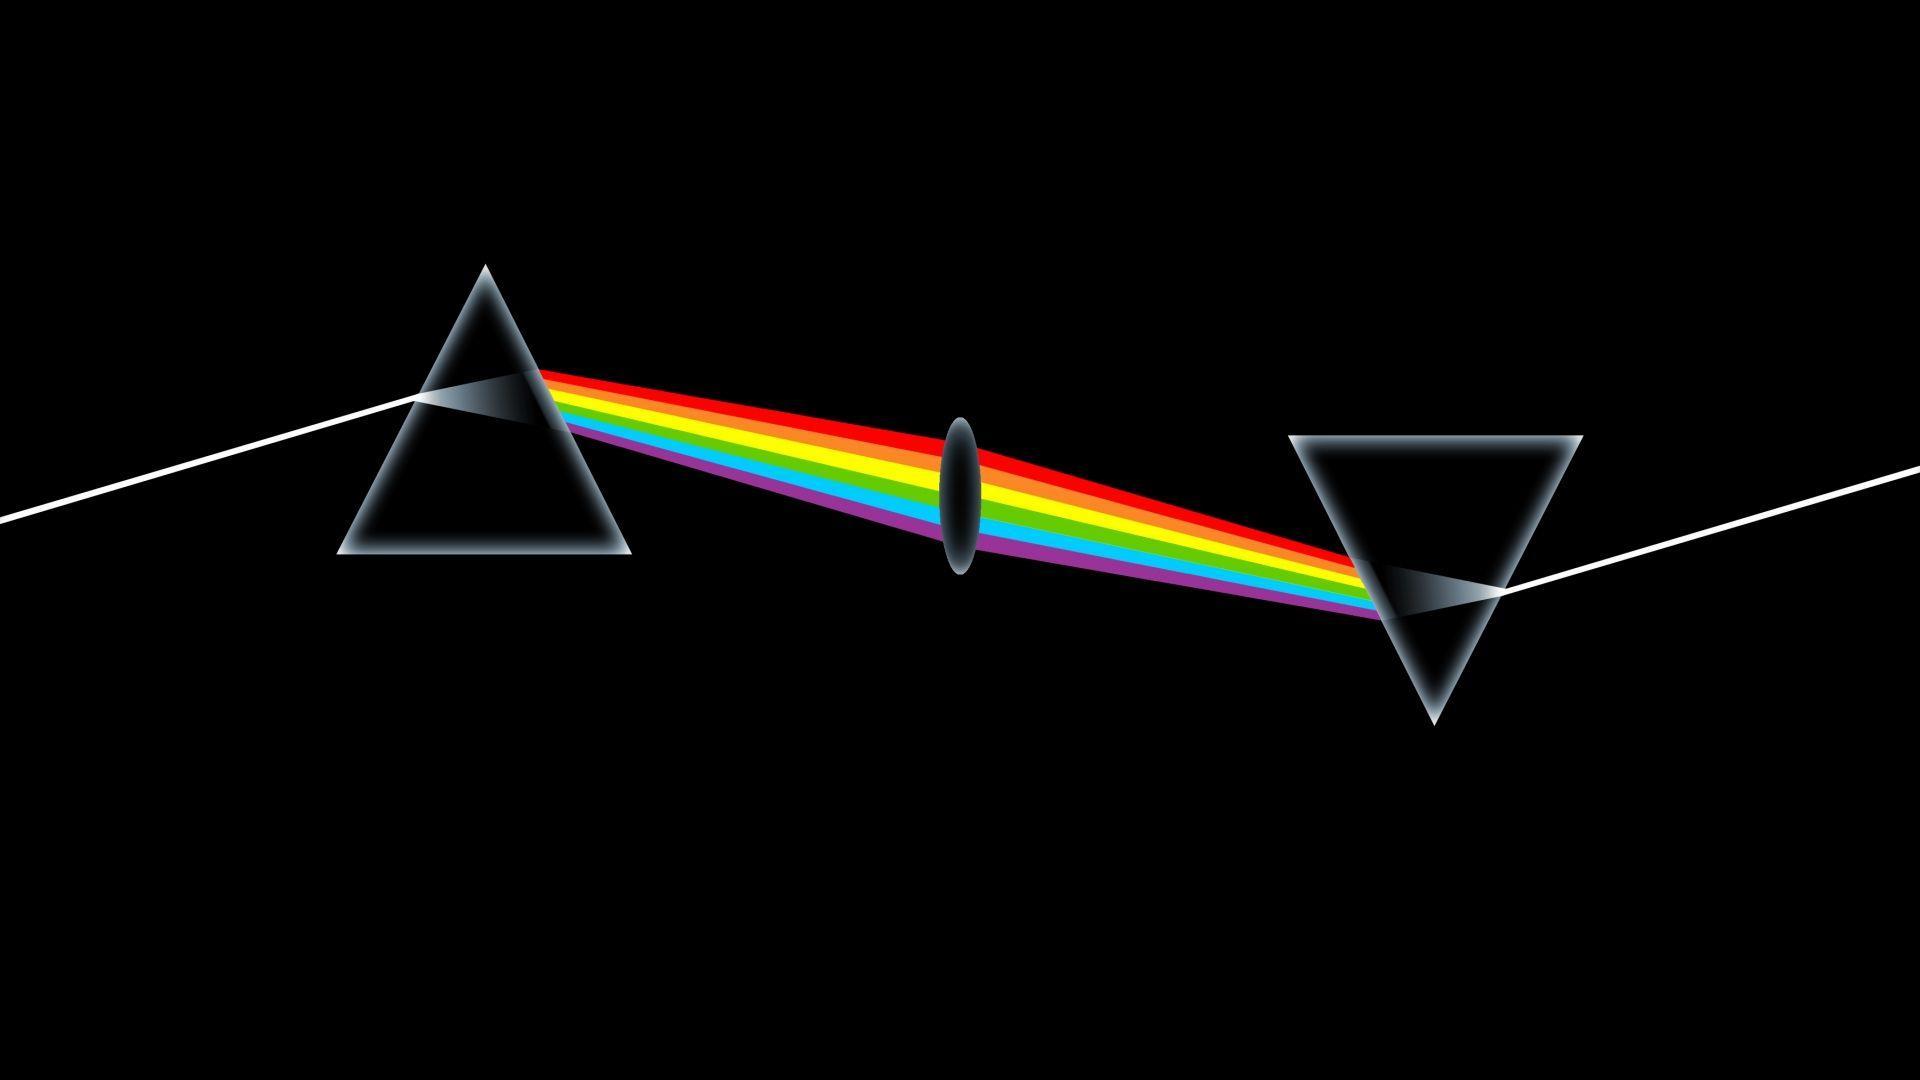 Rock Album Covers Desktop Wallpaper - WallpaperSafari